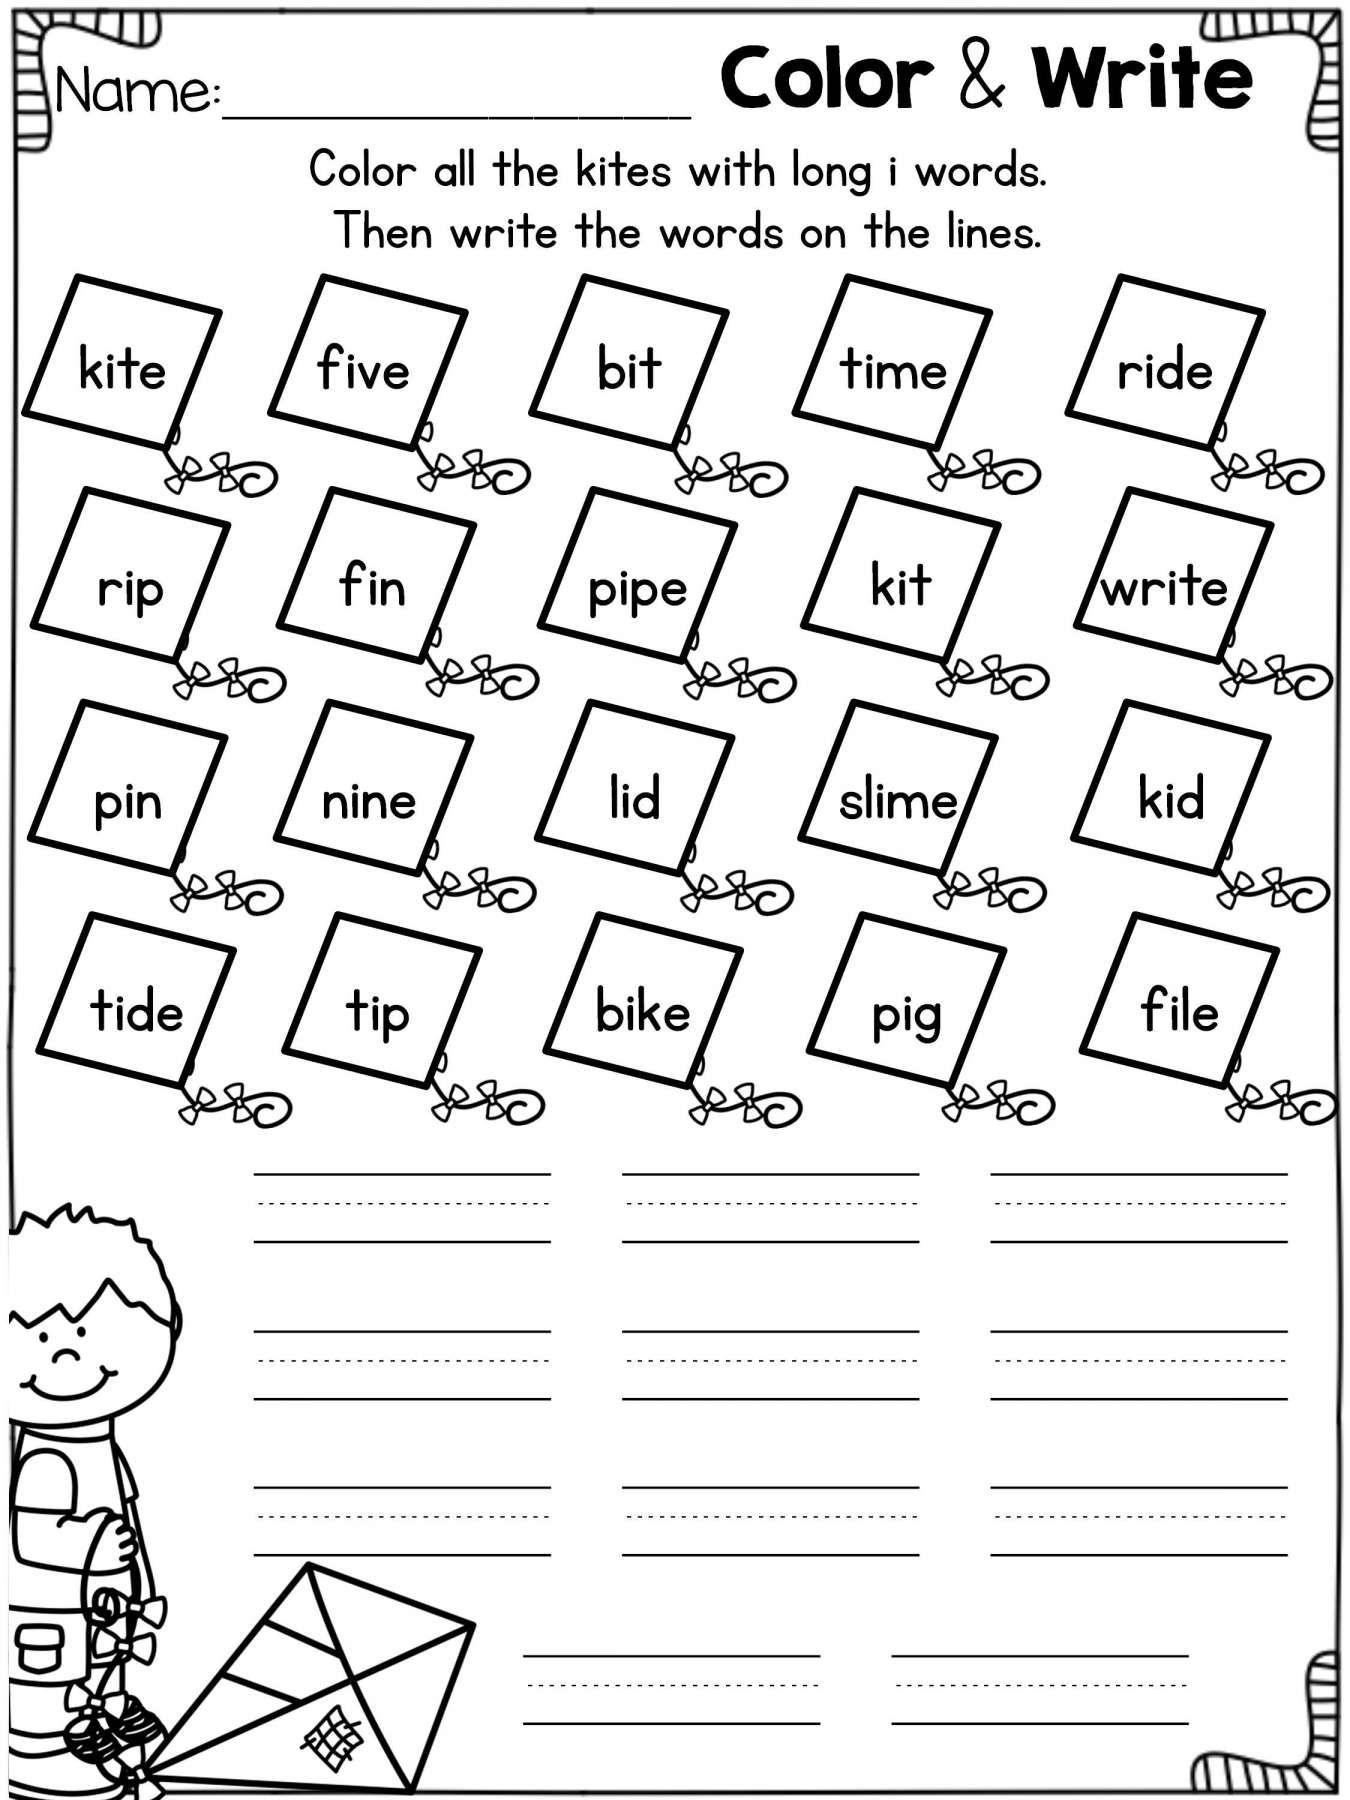 12 Long Vowel Silent E Worksheets 2nd Grade In 2020 Vowel Worksheets Phonics Worksheets Long Vowel Worksheets